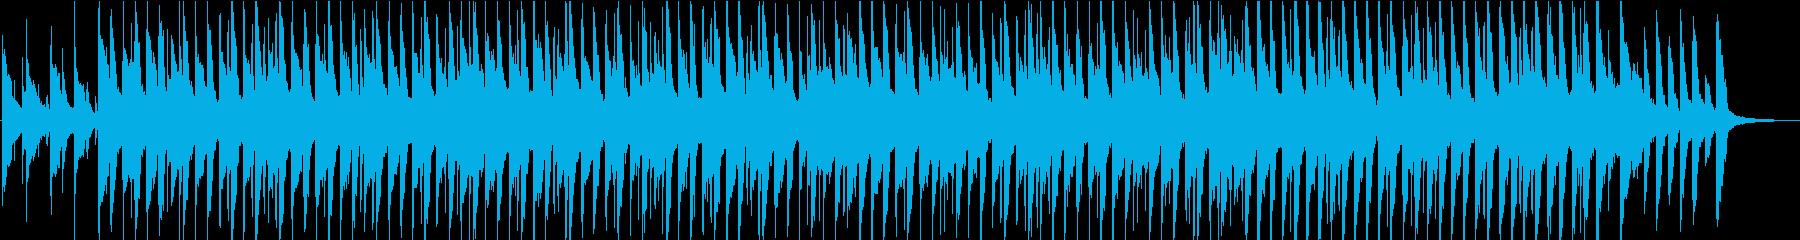 シンプル/明るい/楽しい/ポップ/ピアノの再生済みの波形